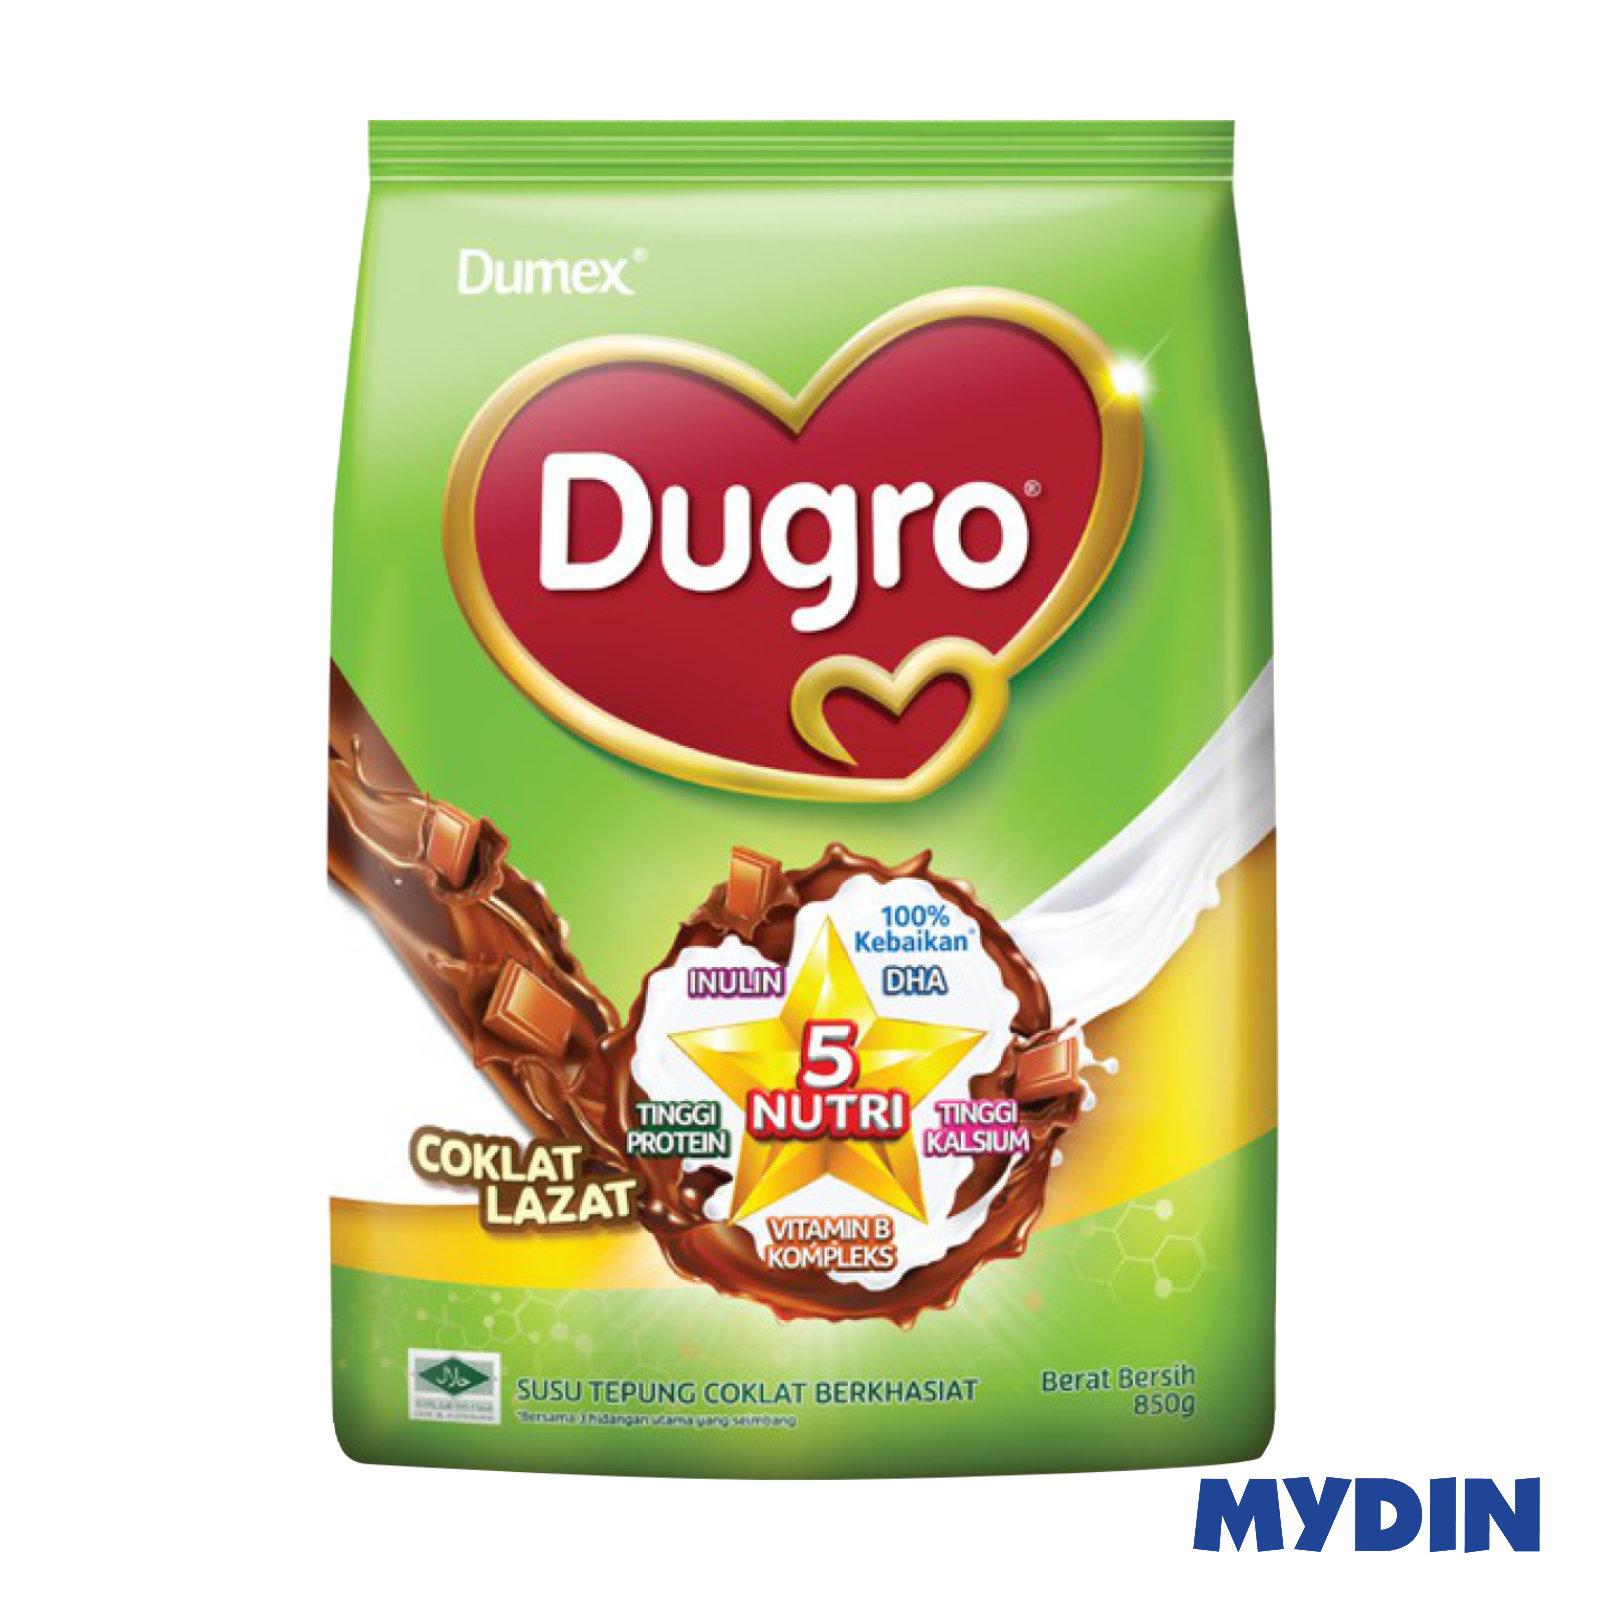 Dumex Dugro Chocolate (850g)